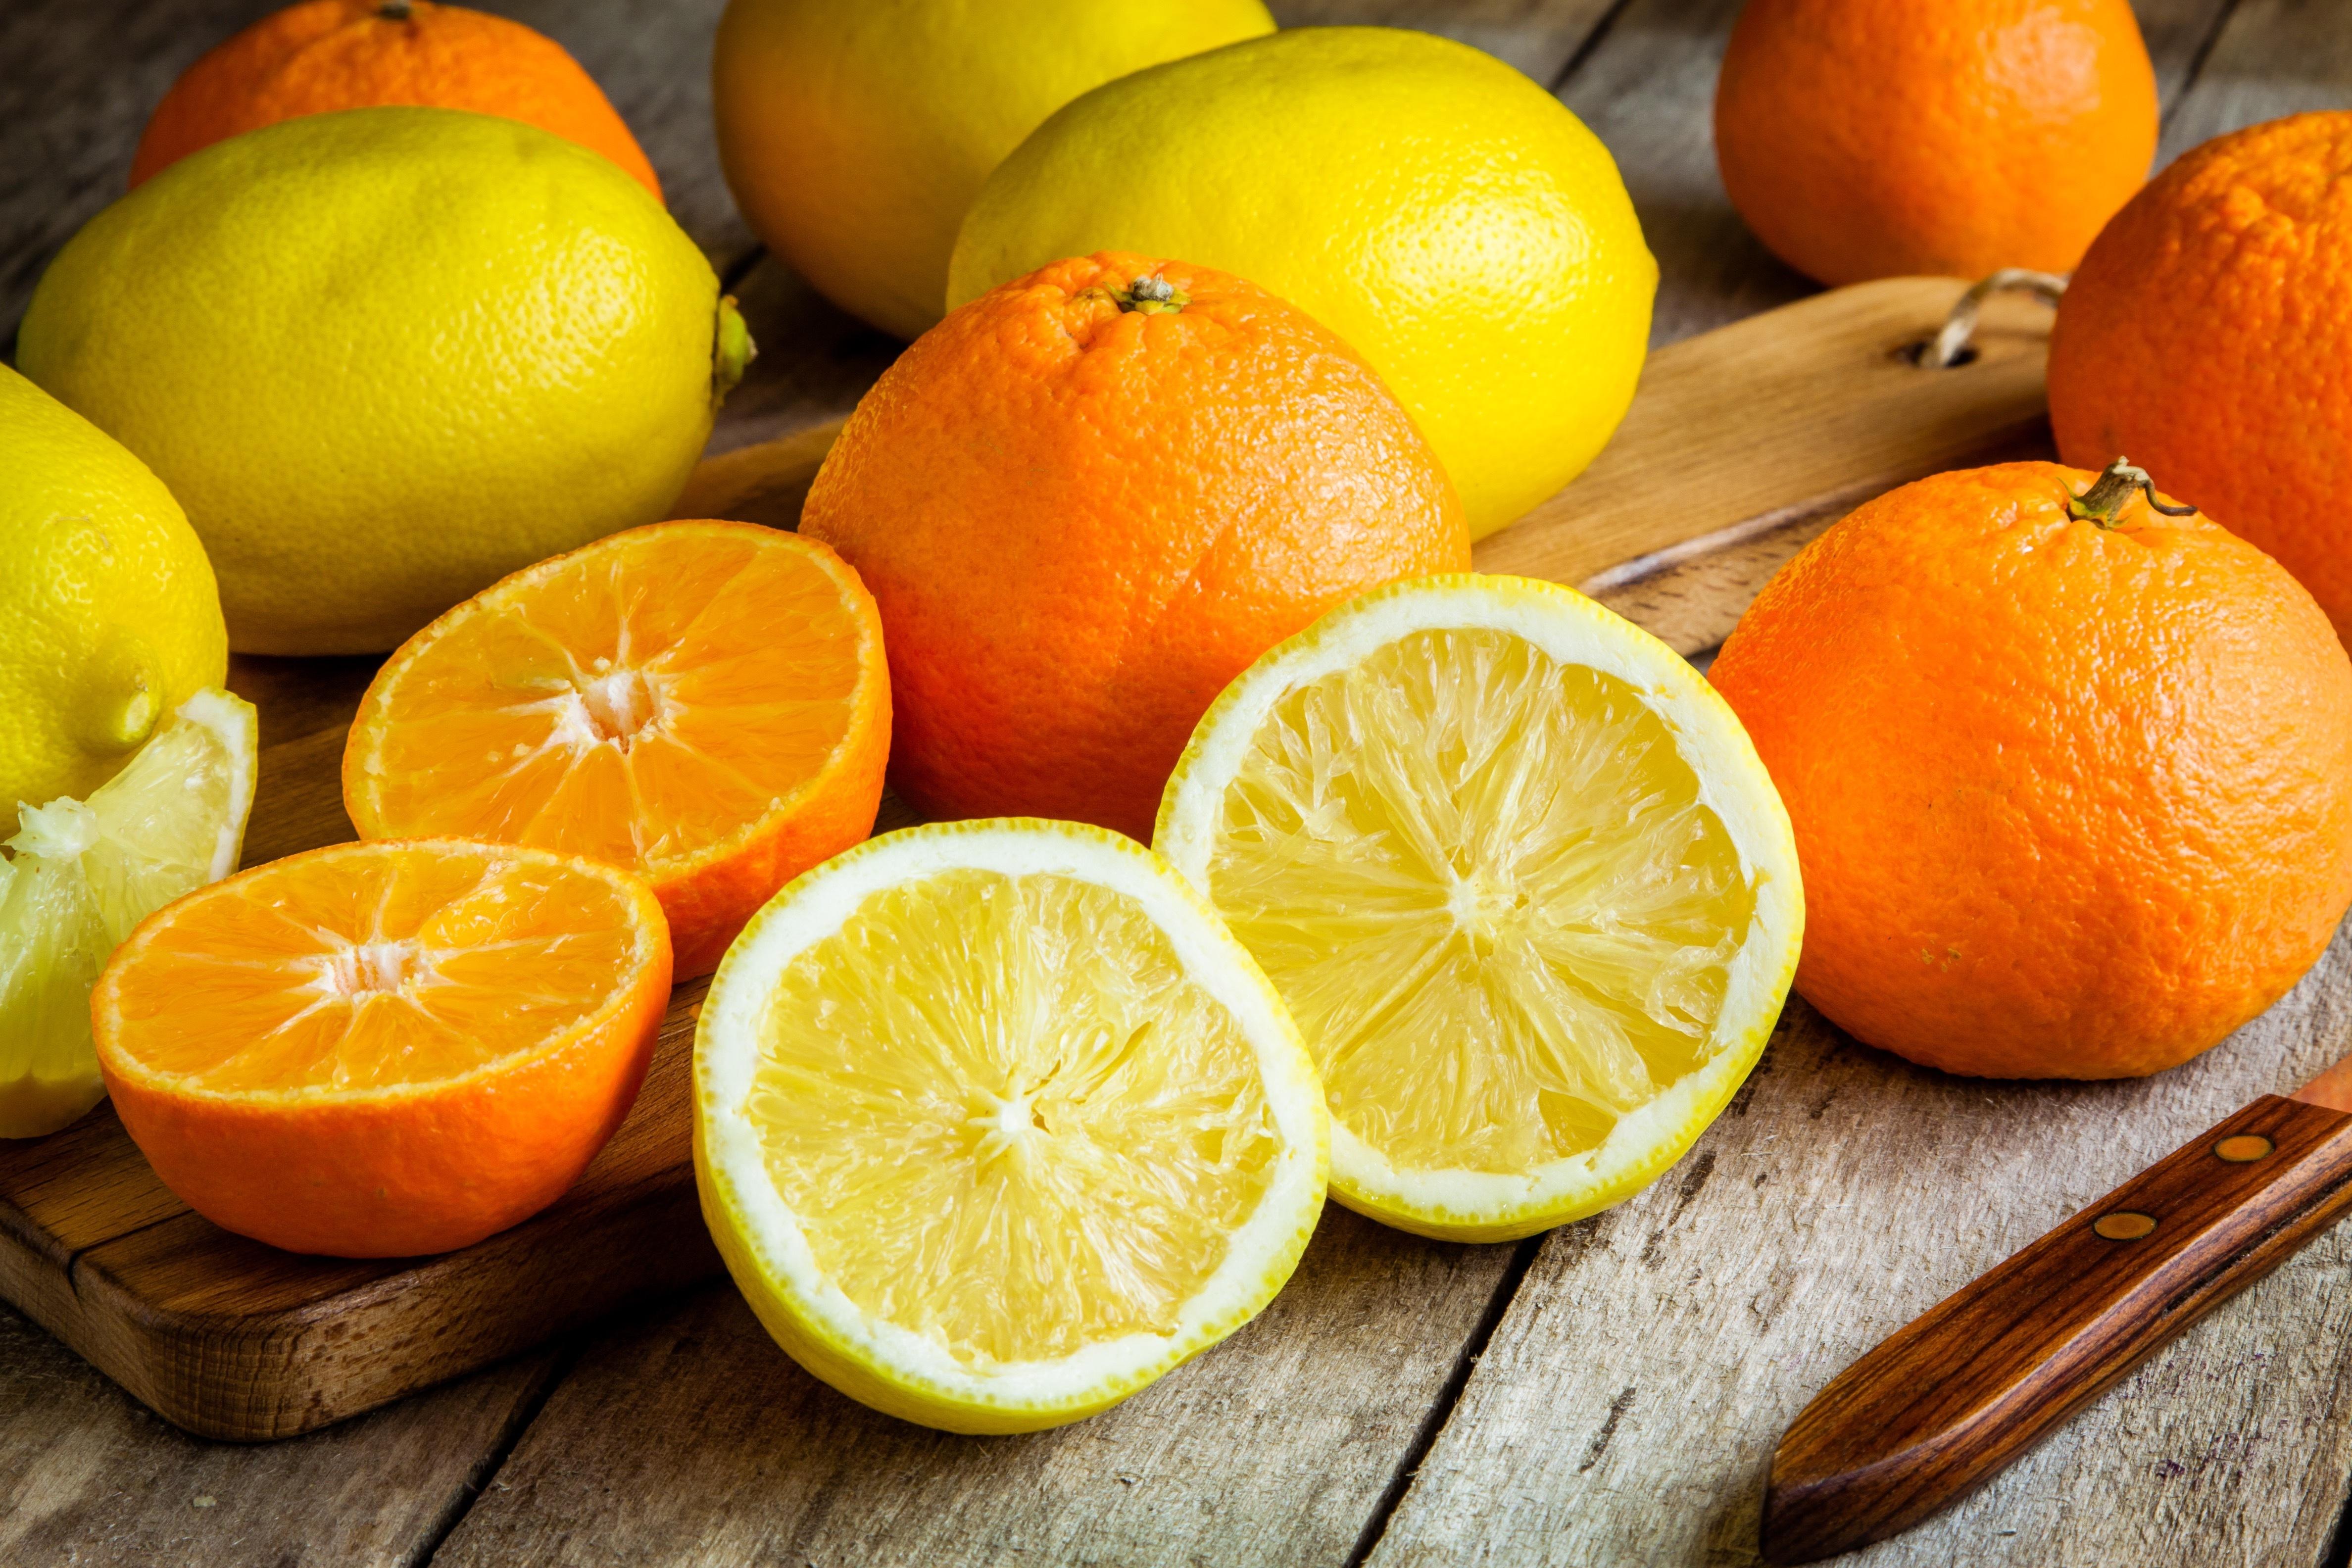 I colori degli agrumi: giallo/arancio